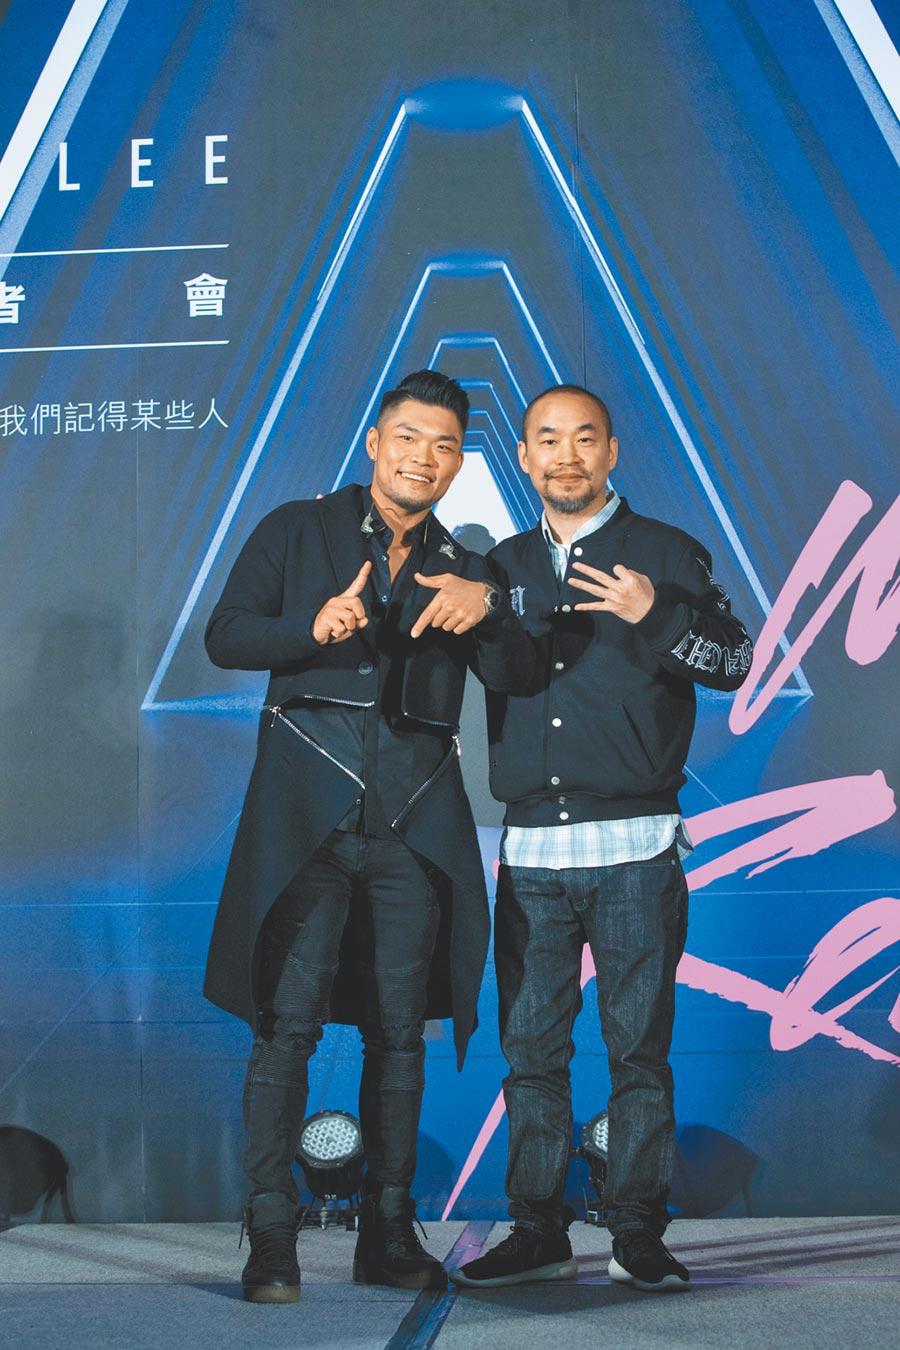 李玖哲(左)出道以來一路受黃立成提攜。(資料照片)